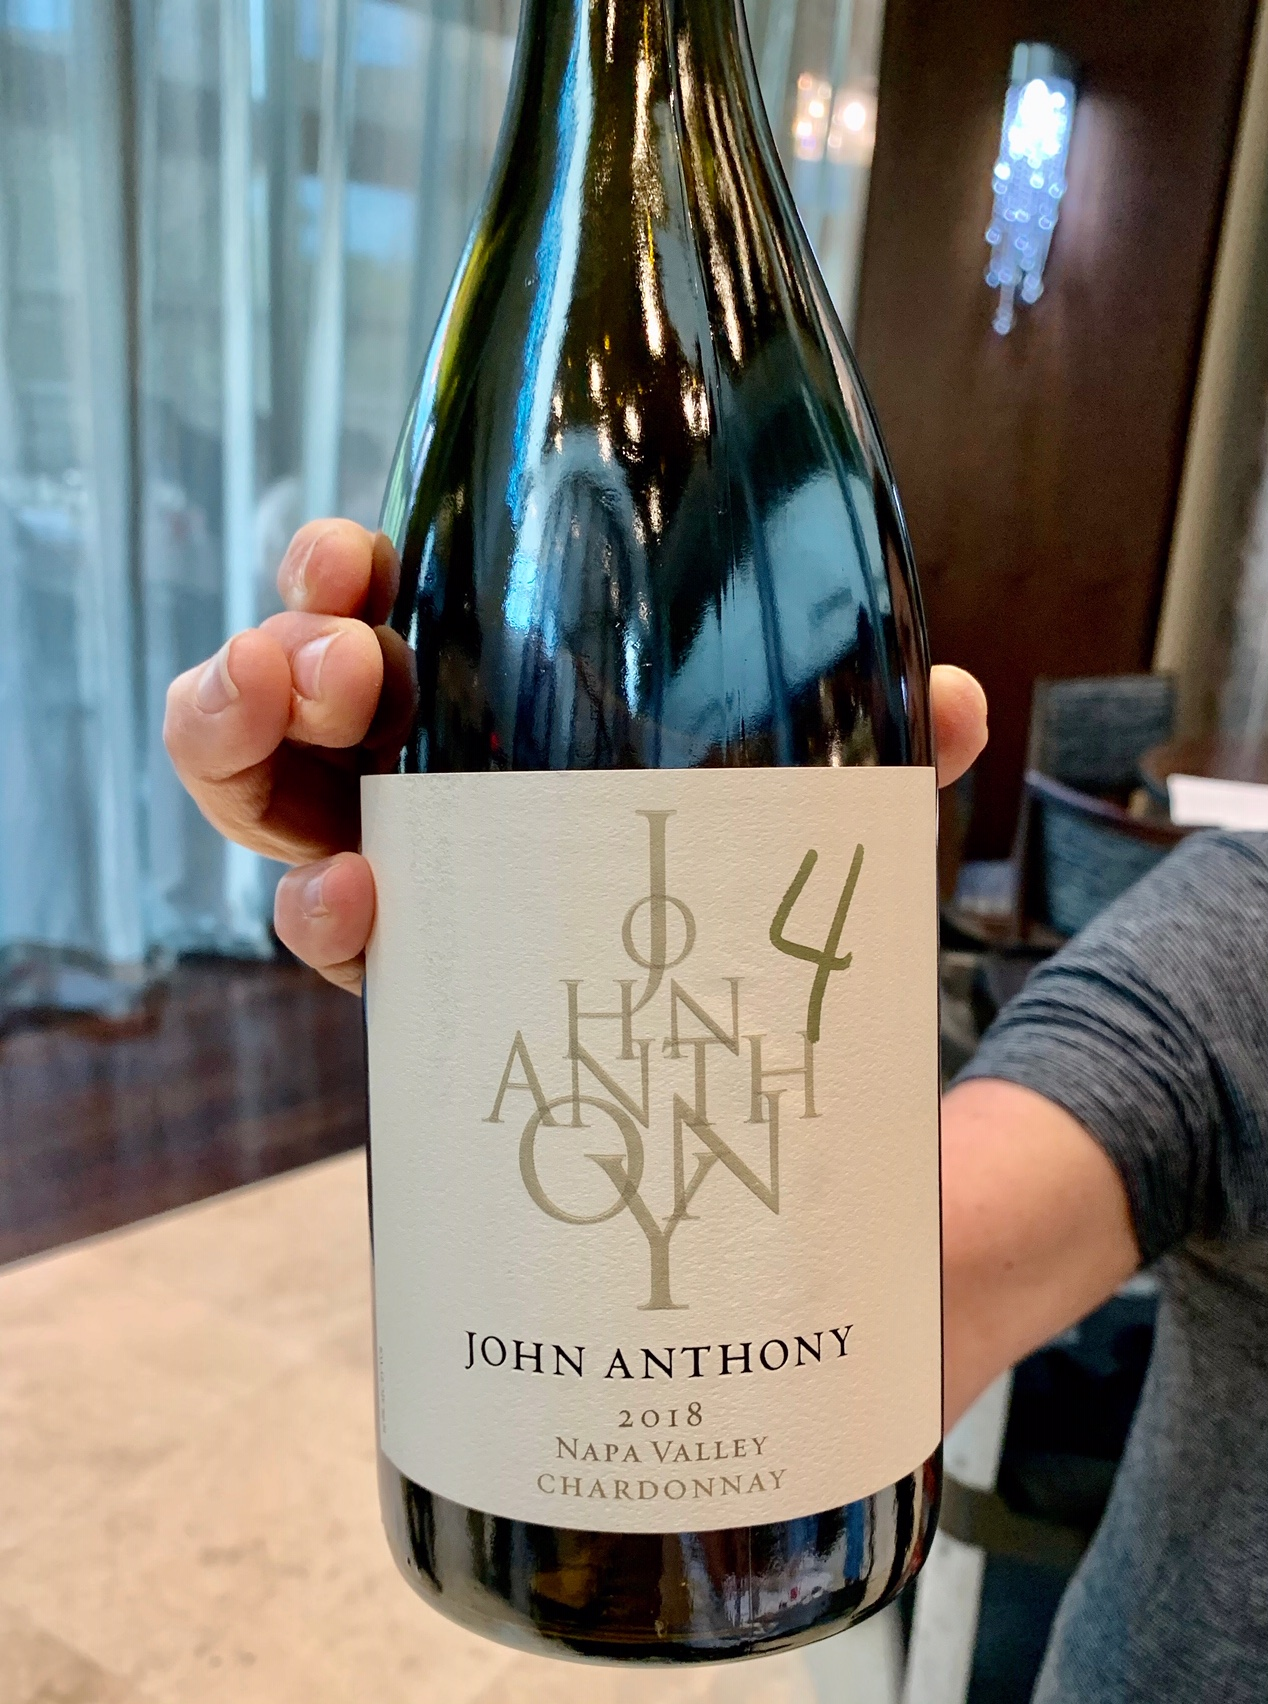 Napa Valley AVA, California Chardonnay